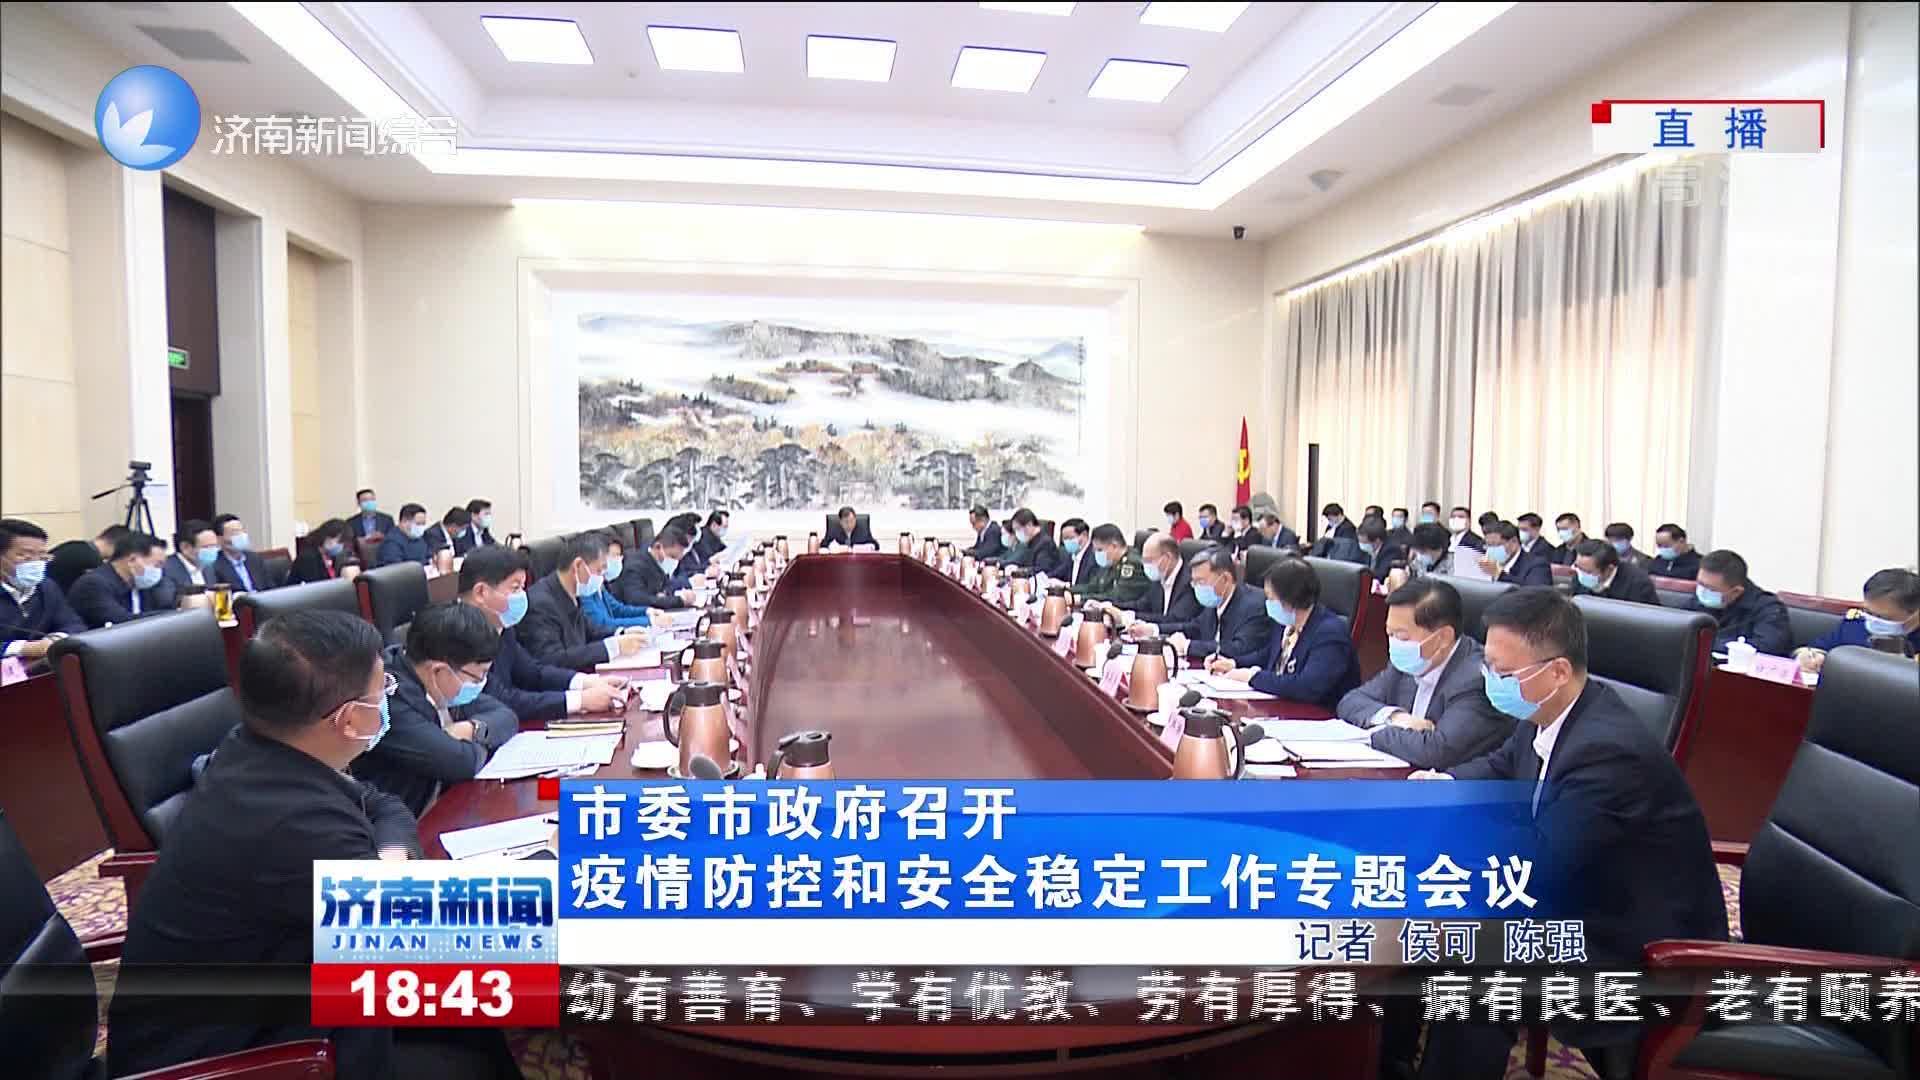 市委市政府召开疫情防控和安全稳定工作专题会议